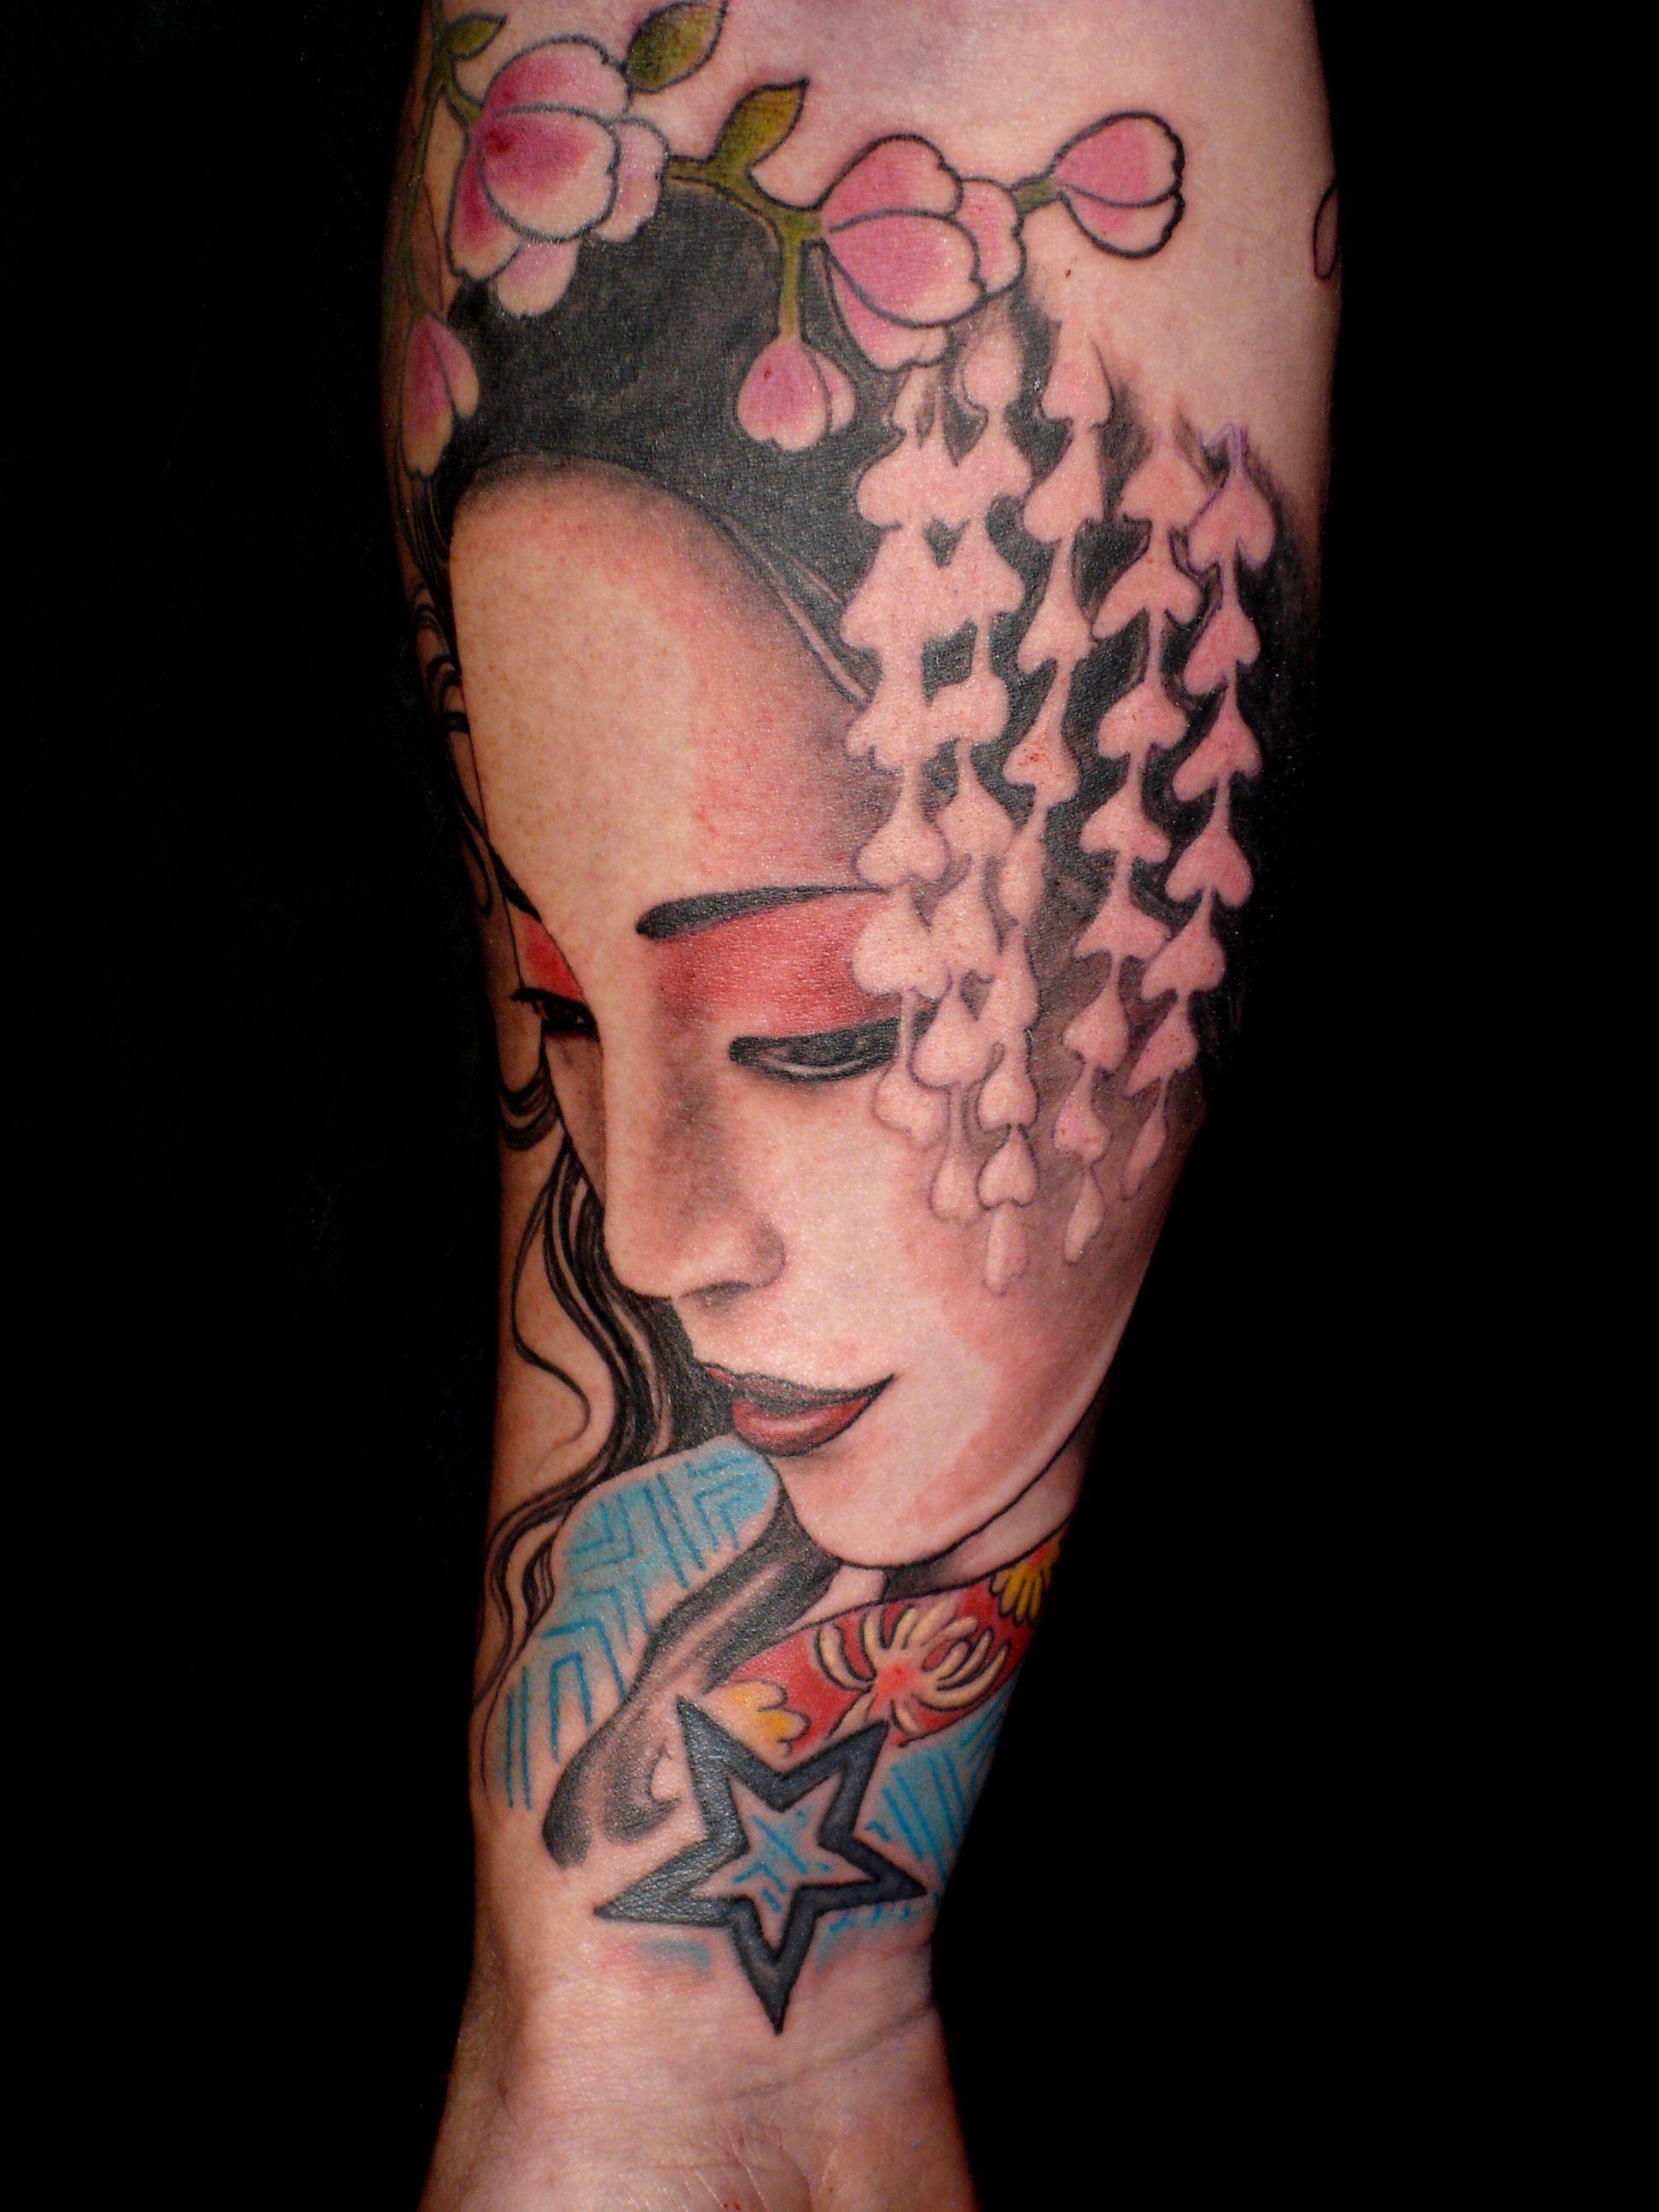 colorful japanese geisha tattoo tattoos pinterest japanese geisha tattoo japanese geisha. Black Bedroom Furniture Sets. Home Design Ideas